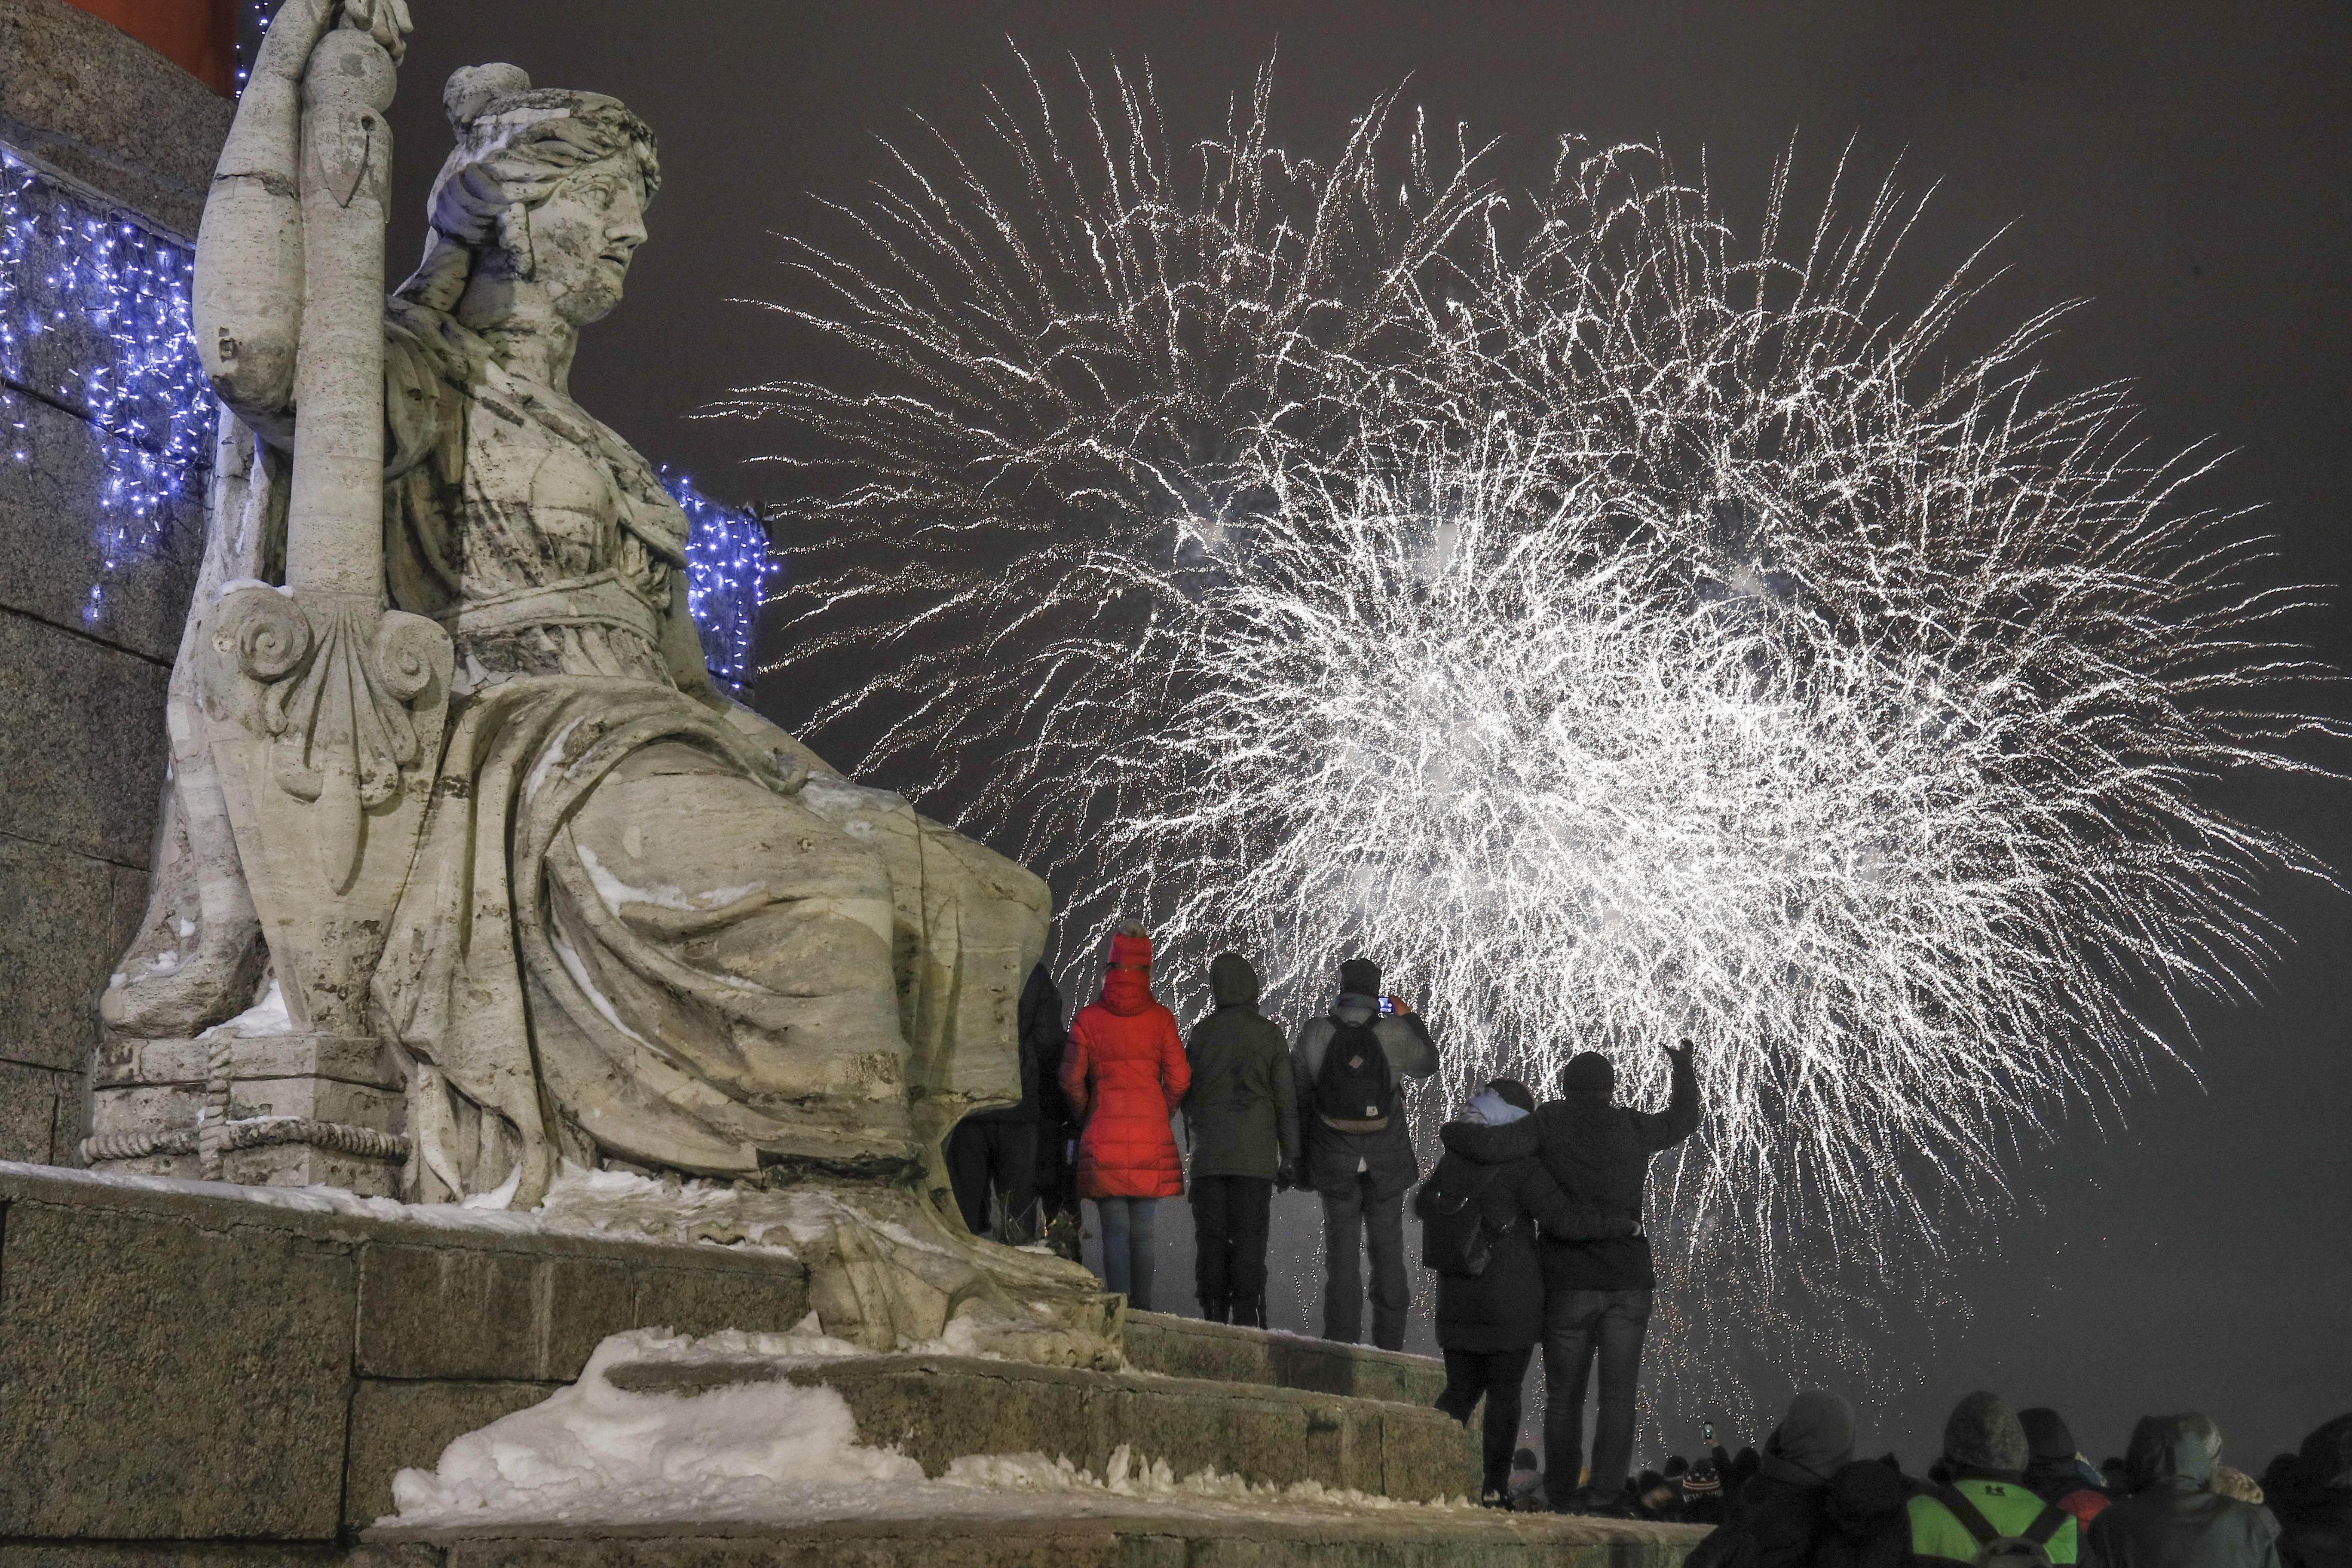 Varias personas observan los fuegos artificiales durante los festejos por el Año Nuevo en el centro de San Petersburgo(AP Foto/Dmitri Lovetsky)